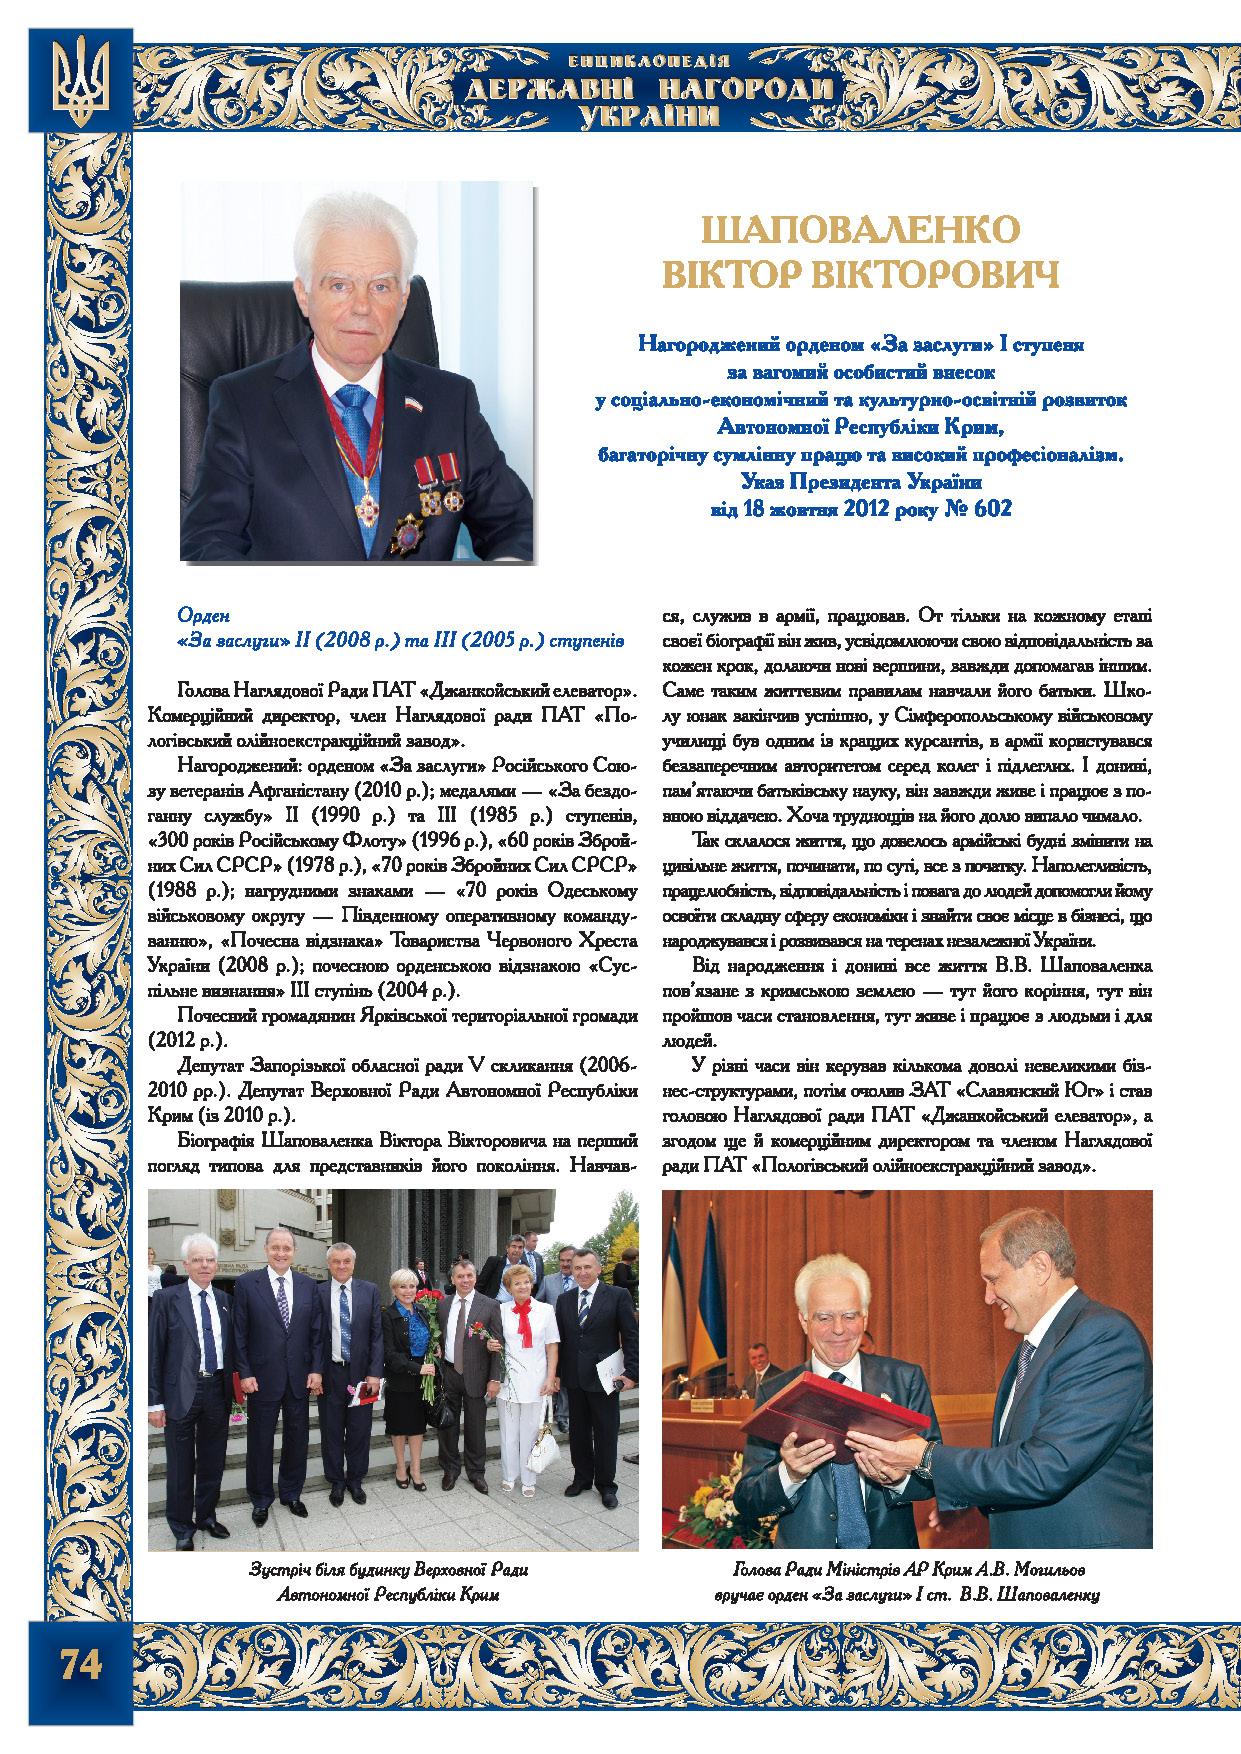 Шаповаленко Віктор Вікторович